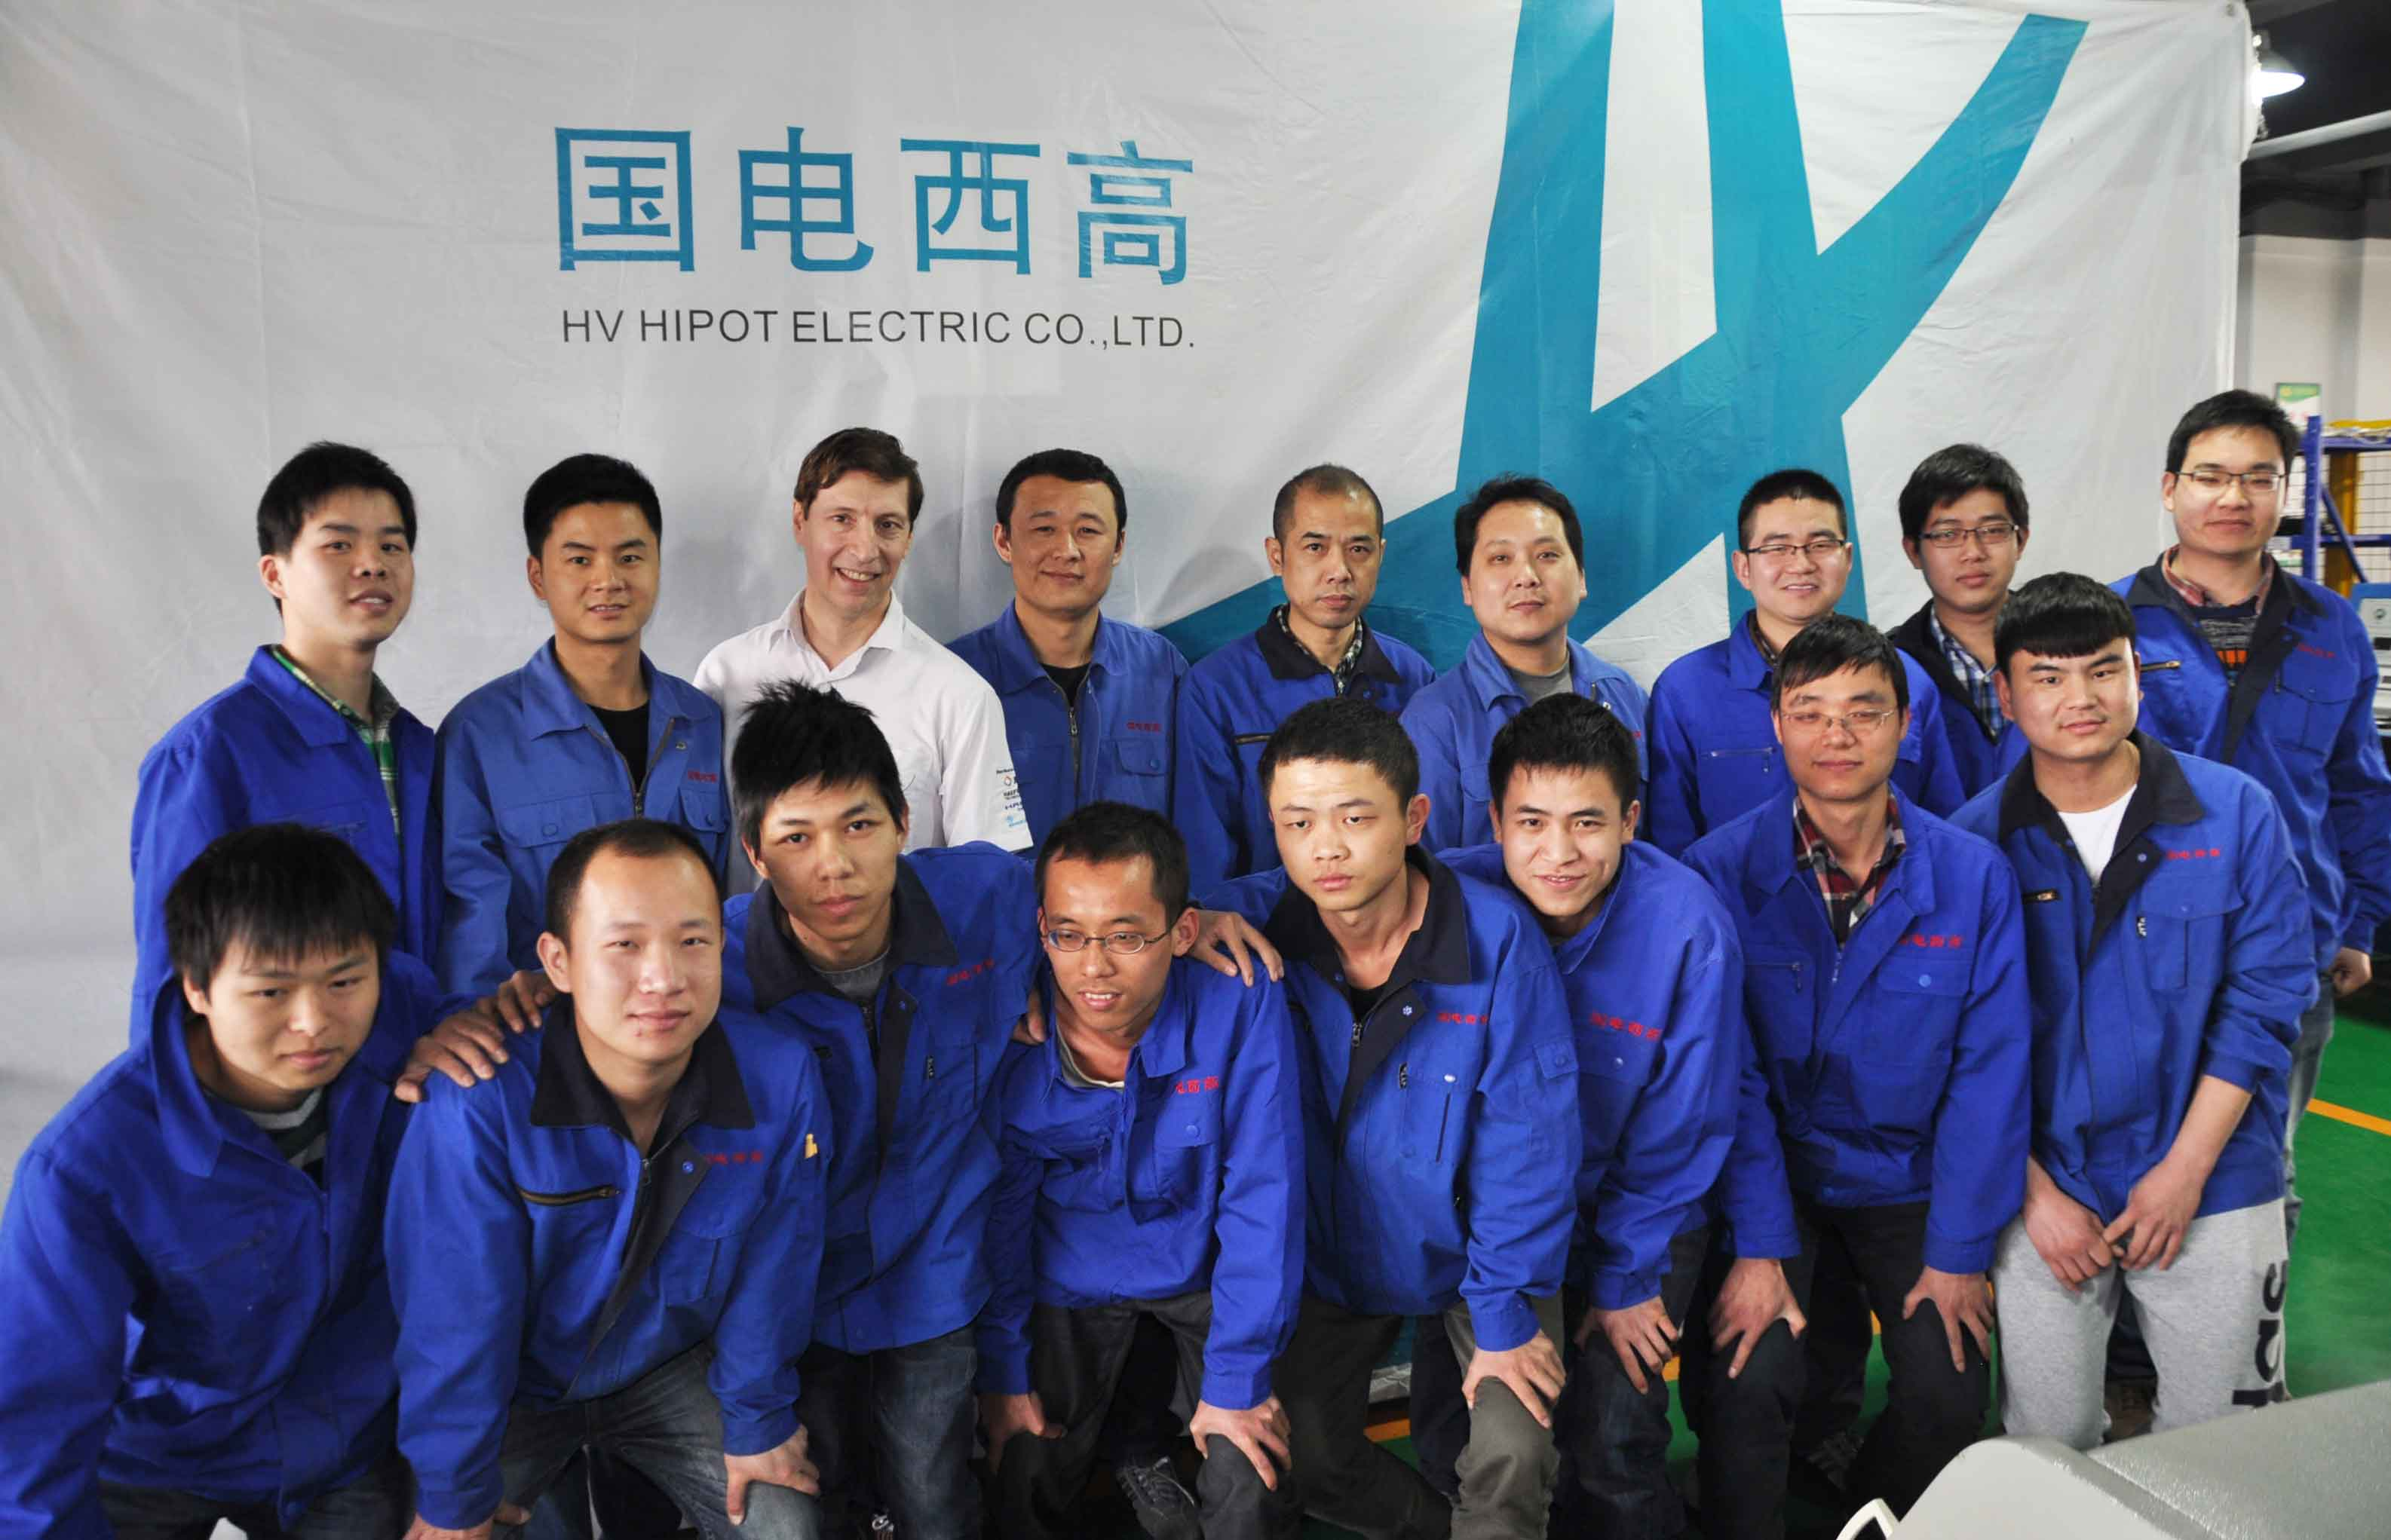 Australian client visit HV Hipot